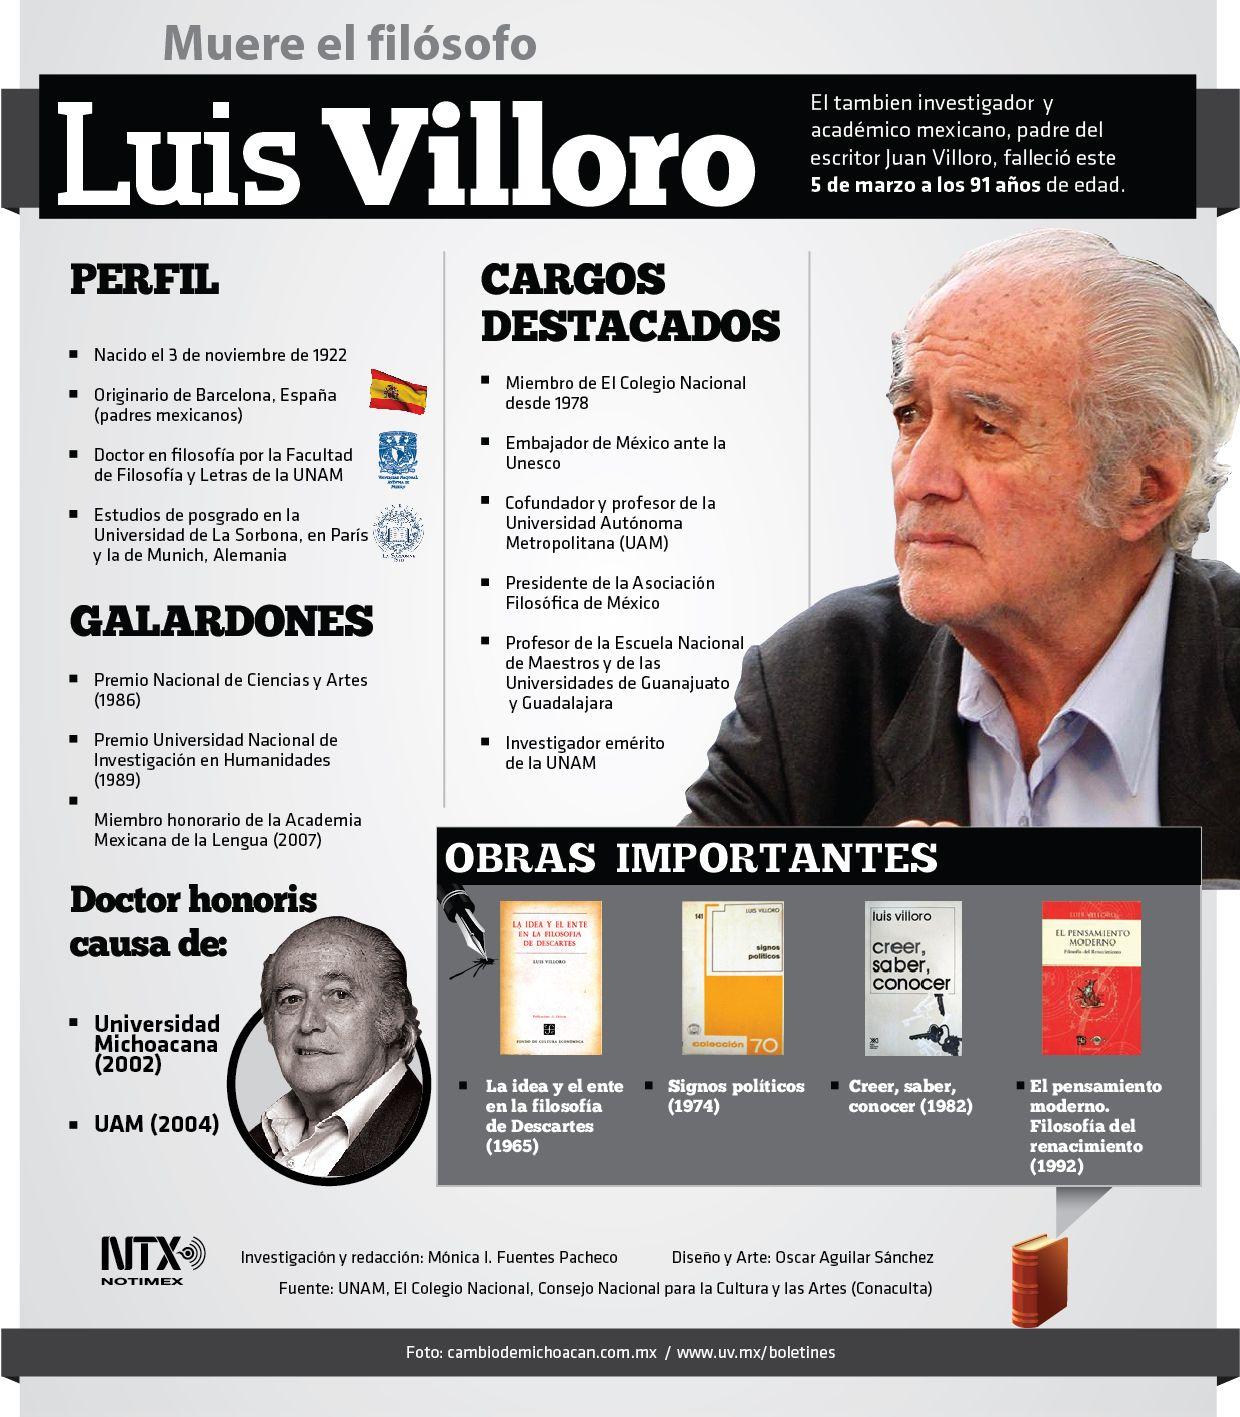 Luis Villoro, investigador y académico mexicano, padre del escritor Juan Villoro, falleció a los 91 años de edad.  #Infografia